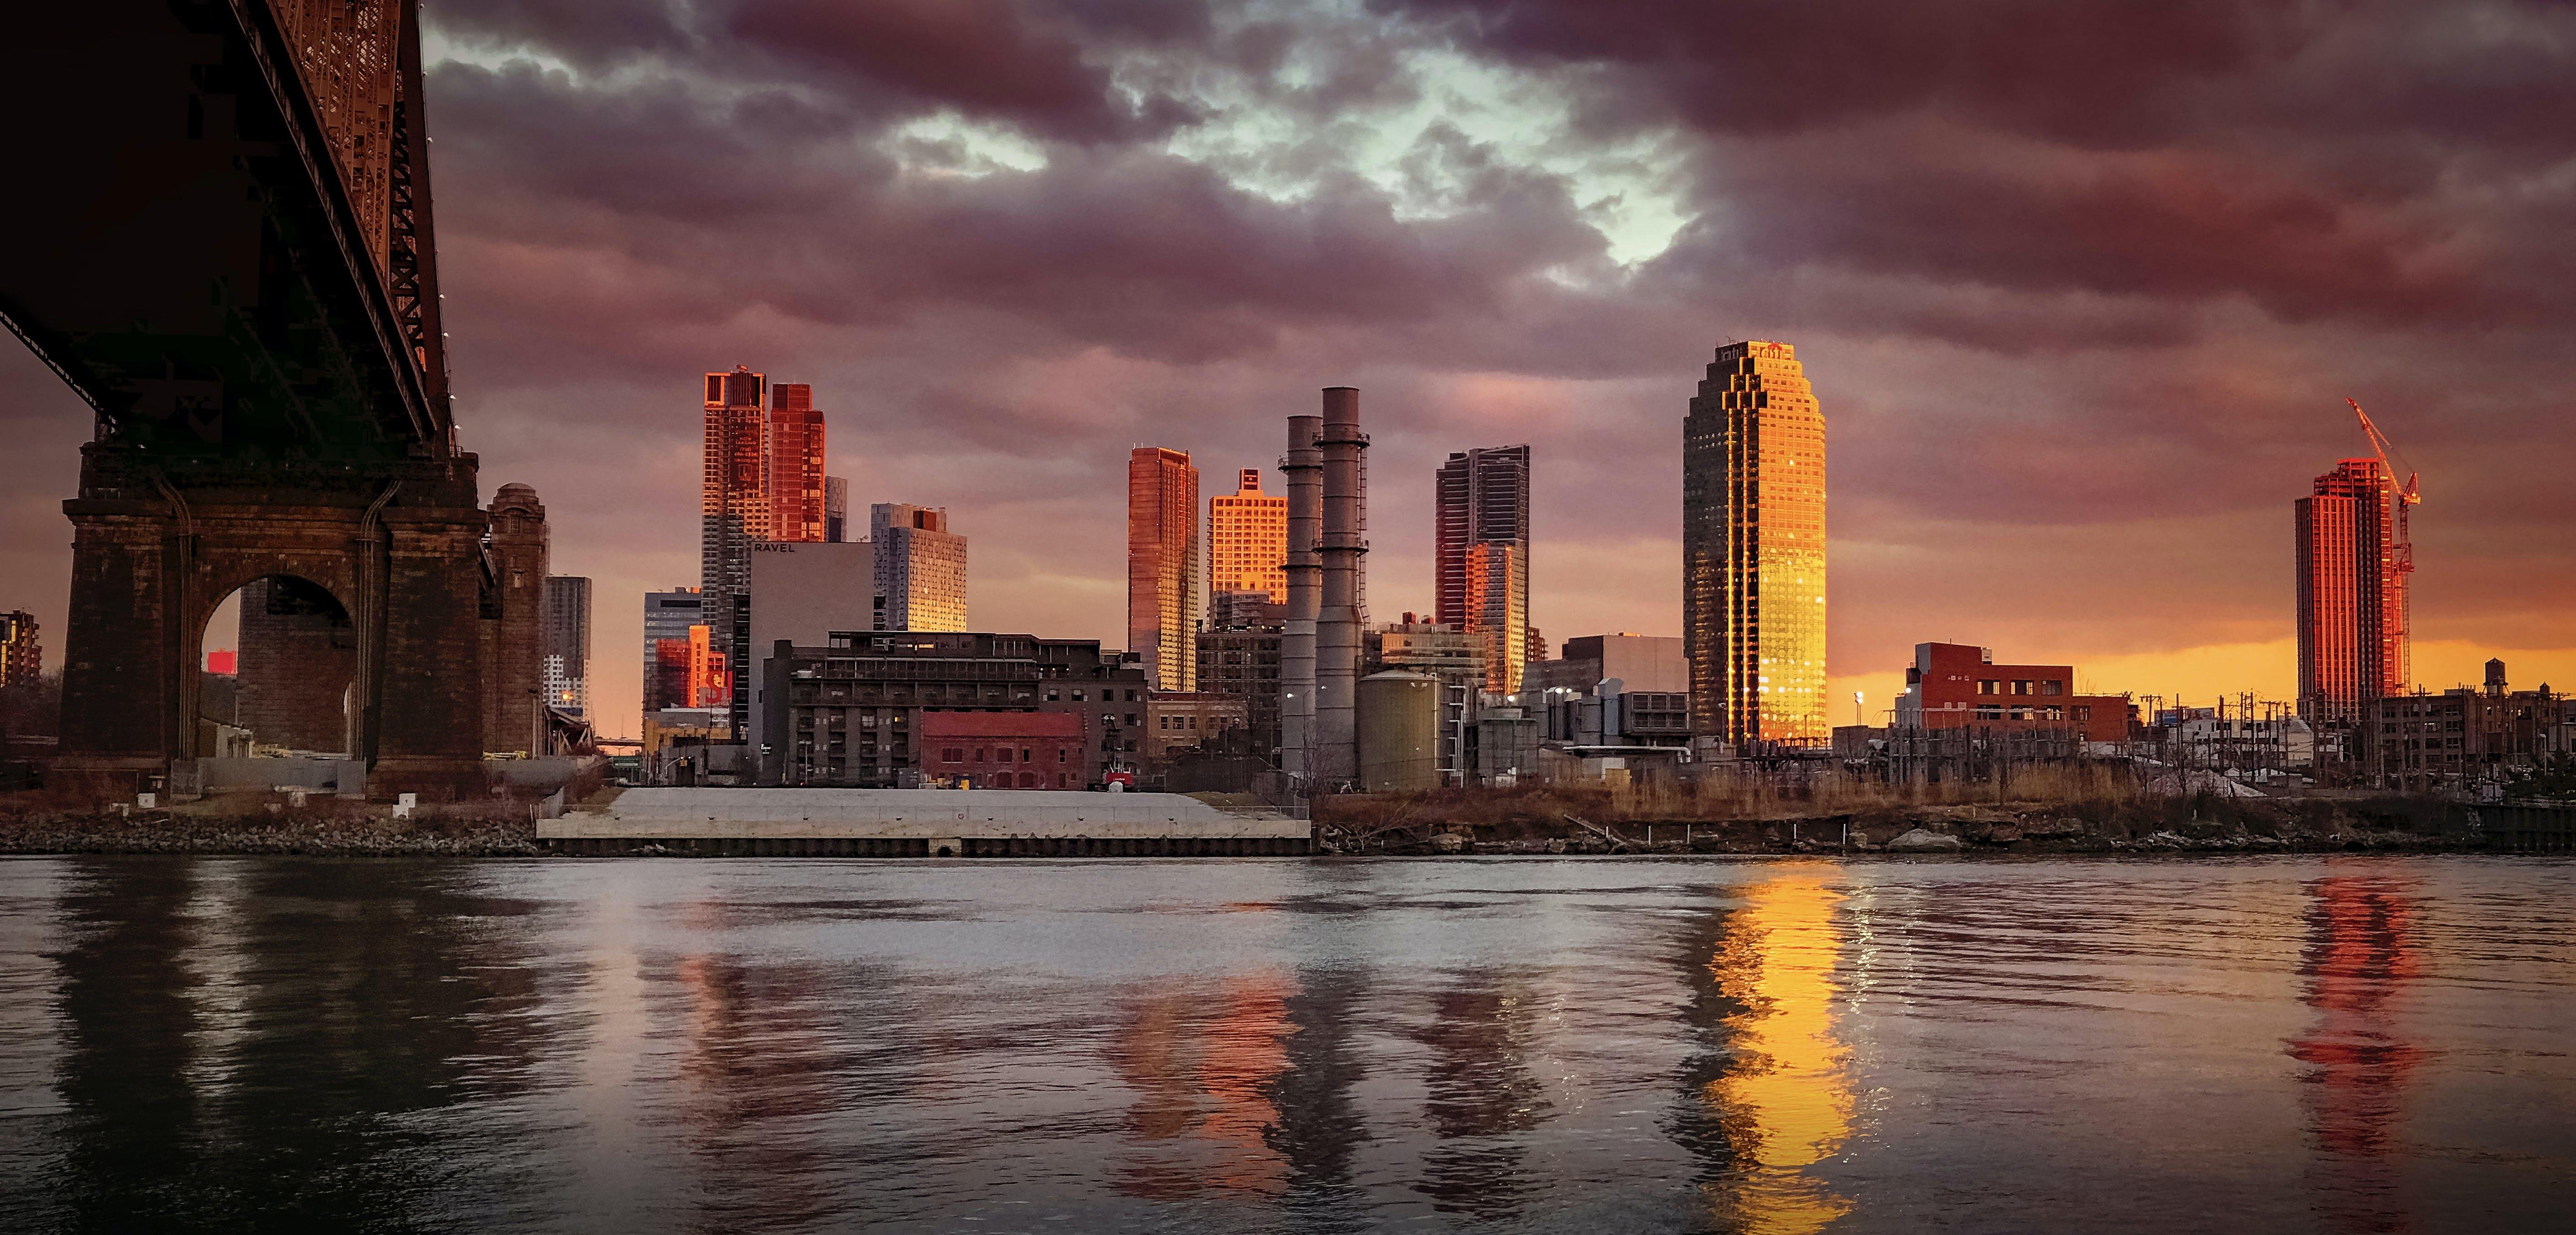 ウォーターフロント, シティ, スカイライン, タワーの無料の写真素材